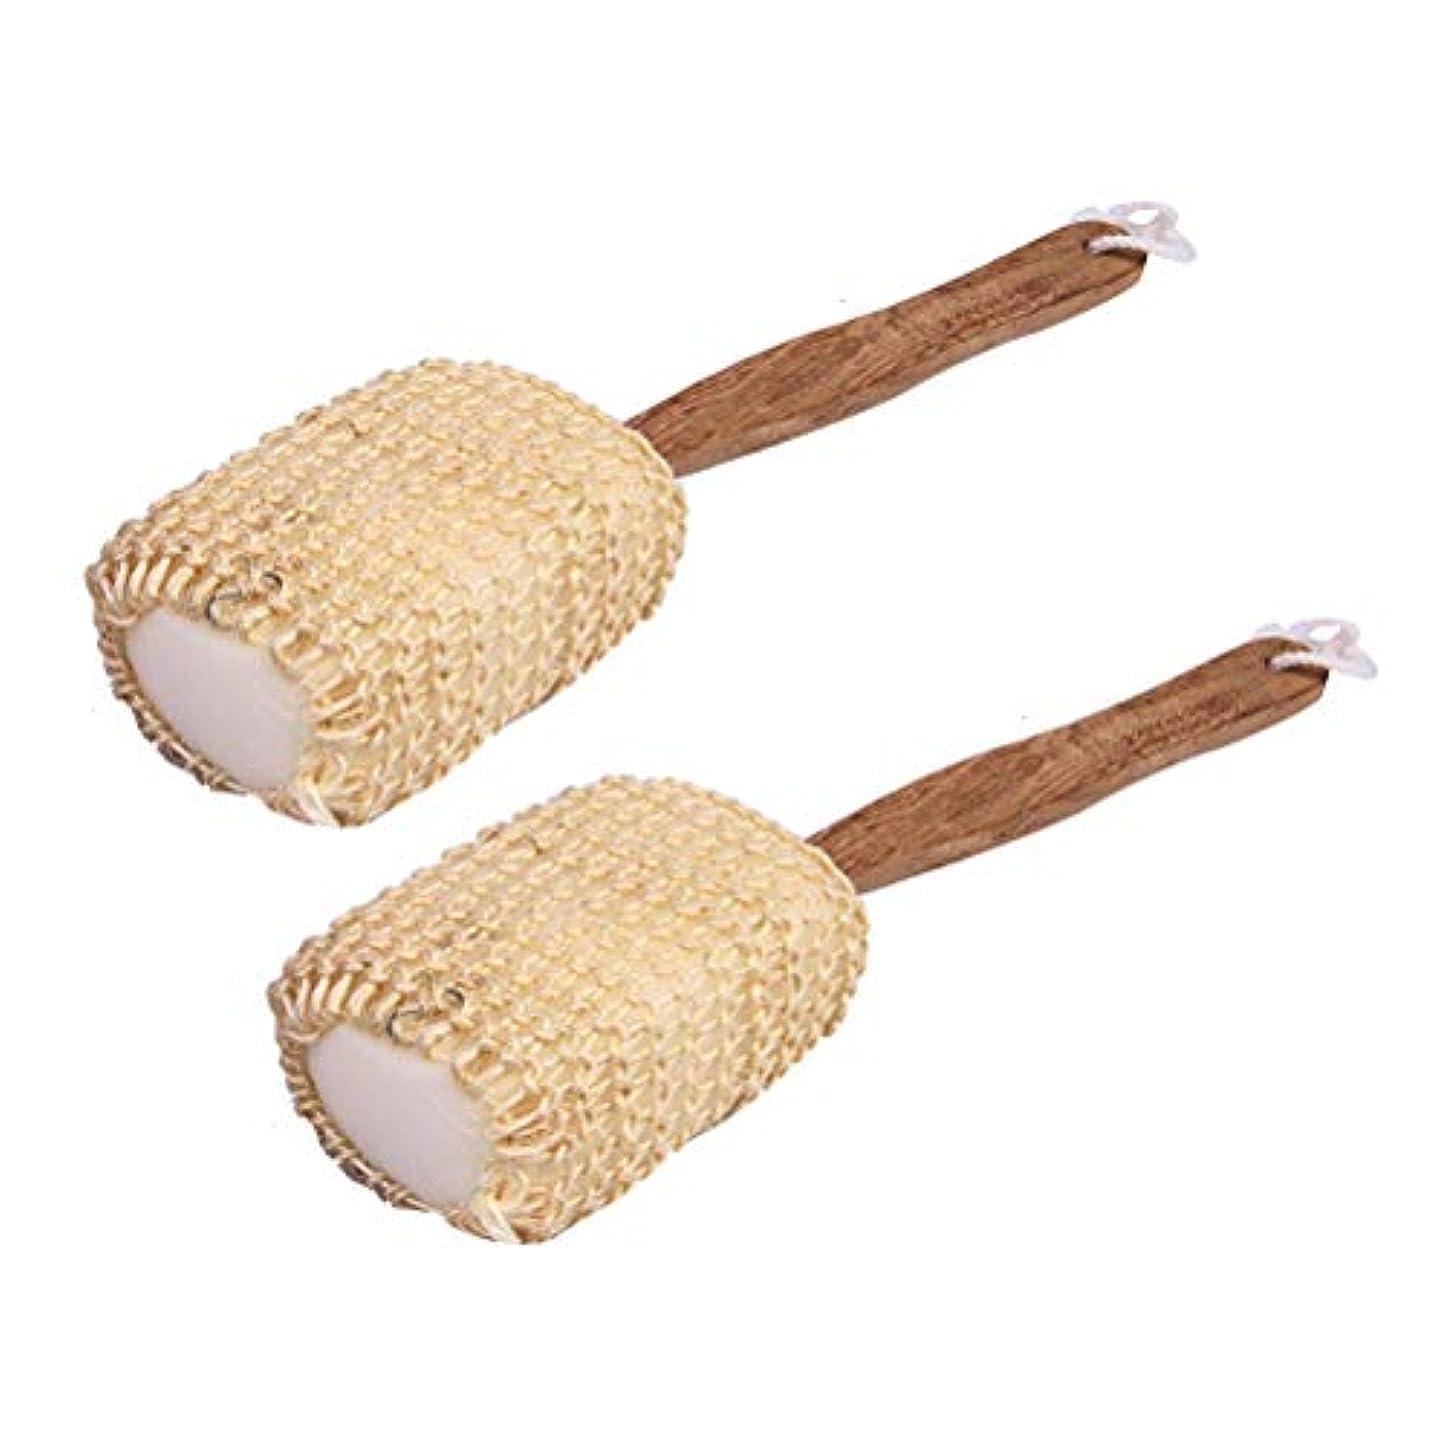 スズメバチセッションショートTopbathy 2ピース入浴ボディブラシ付きウッドハンドル風呂loofahバックスクラバー剥離シャワーブラシ用男性女性